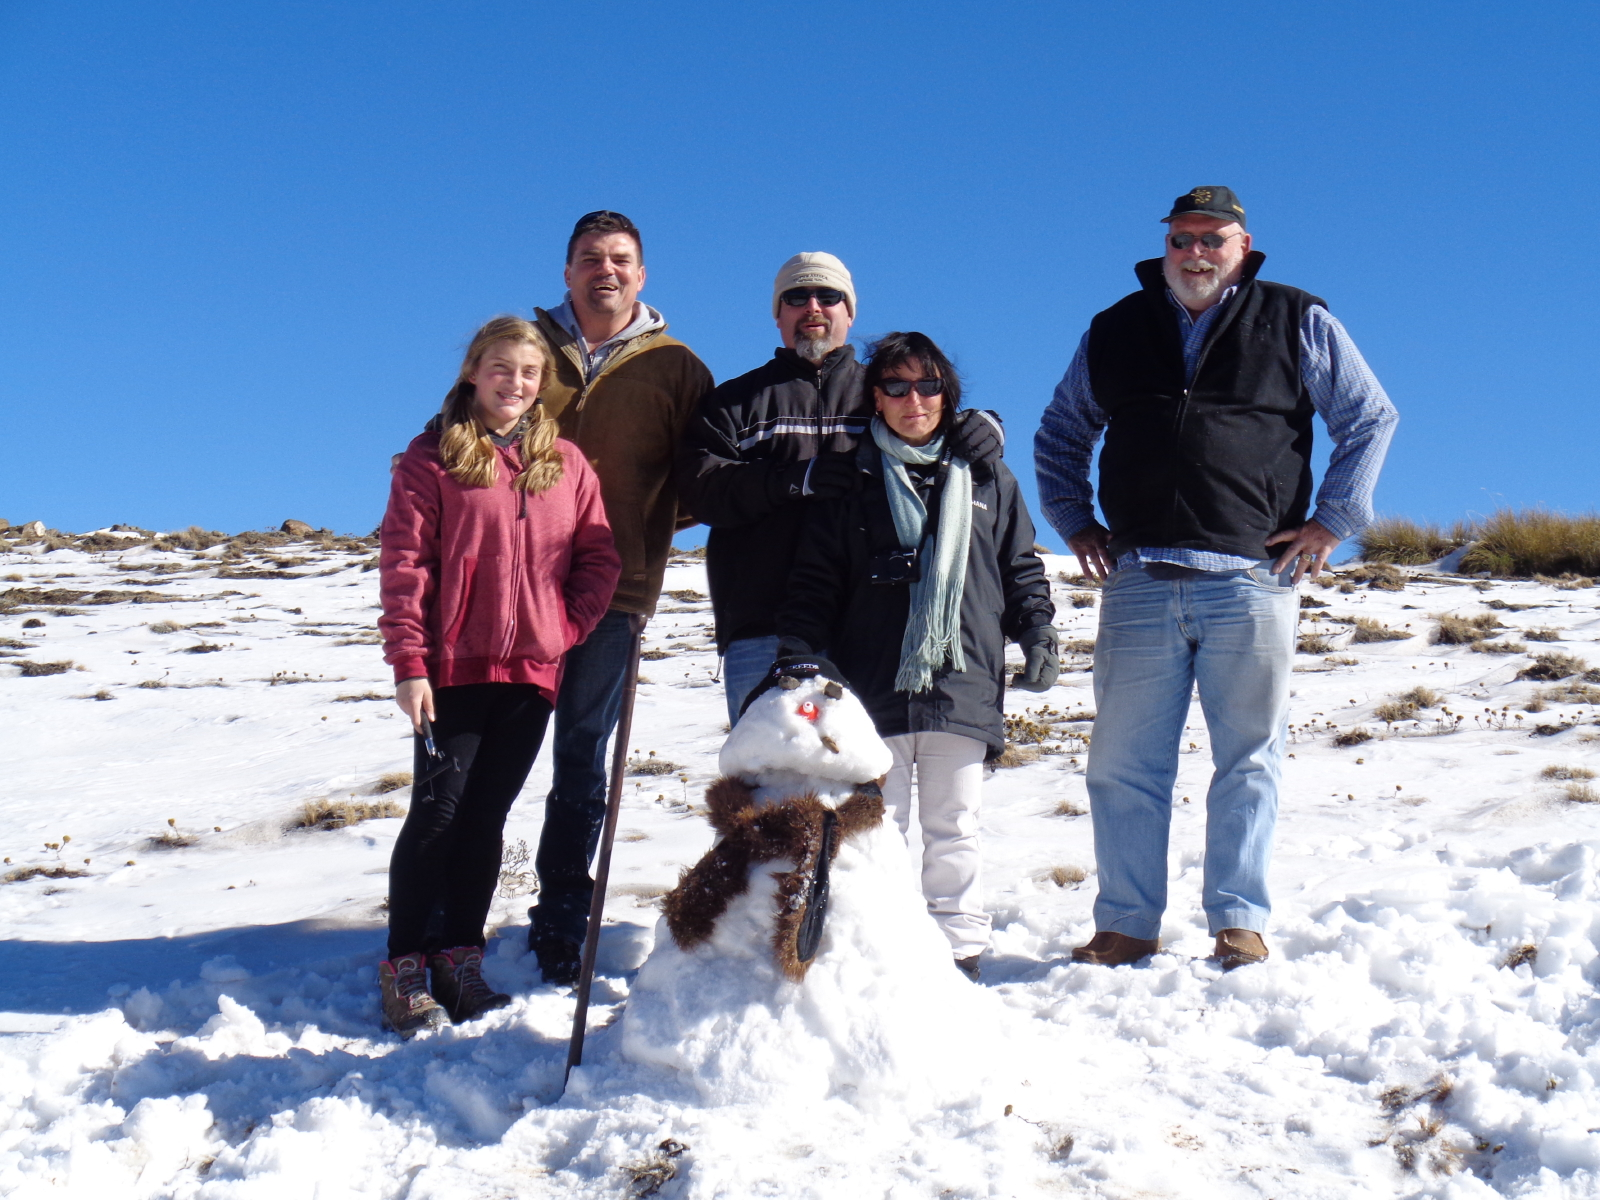 2019 Lesotho winter tour